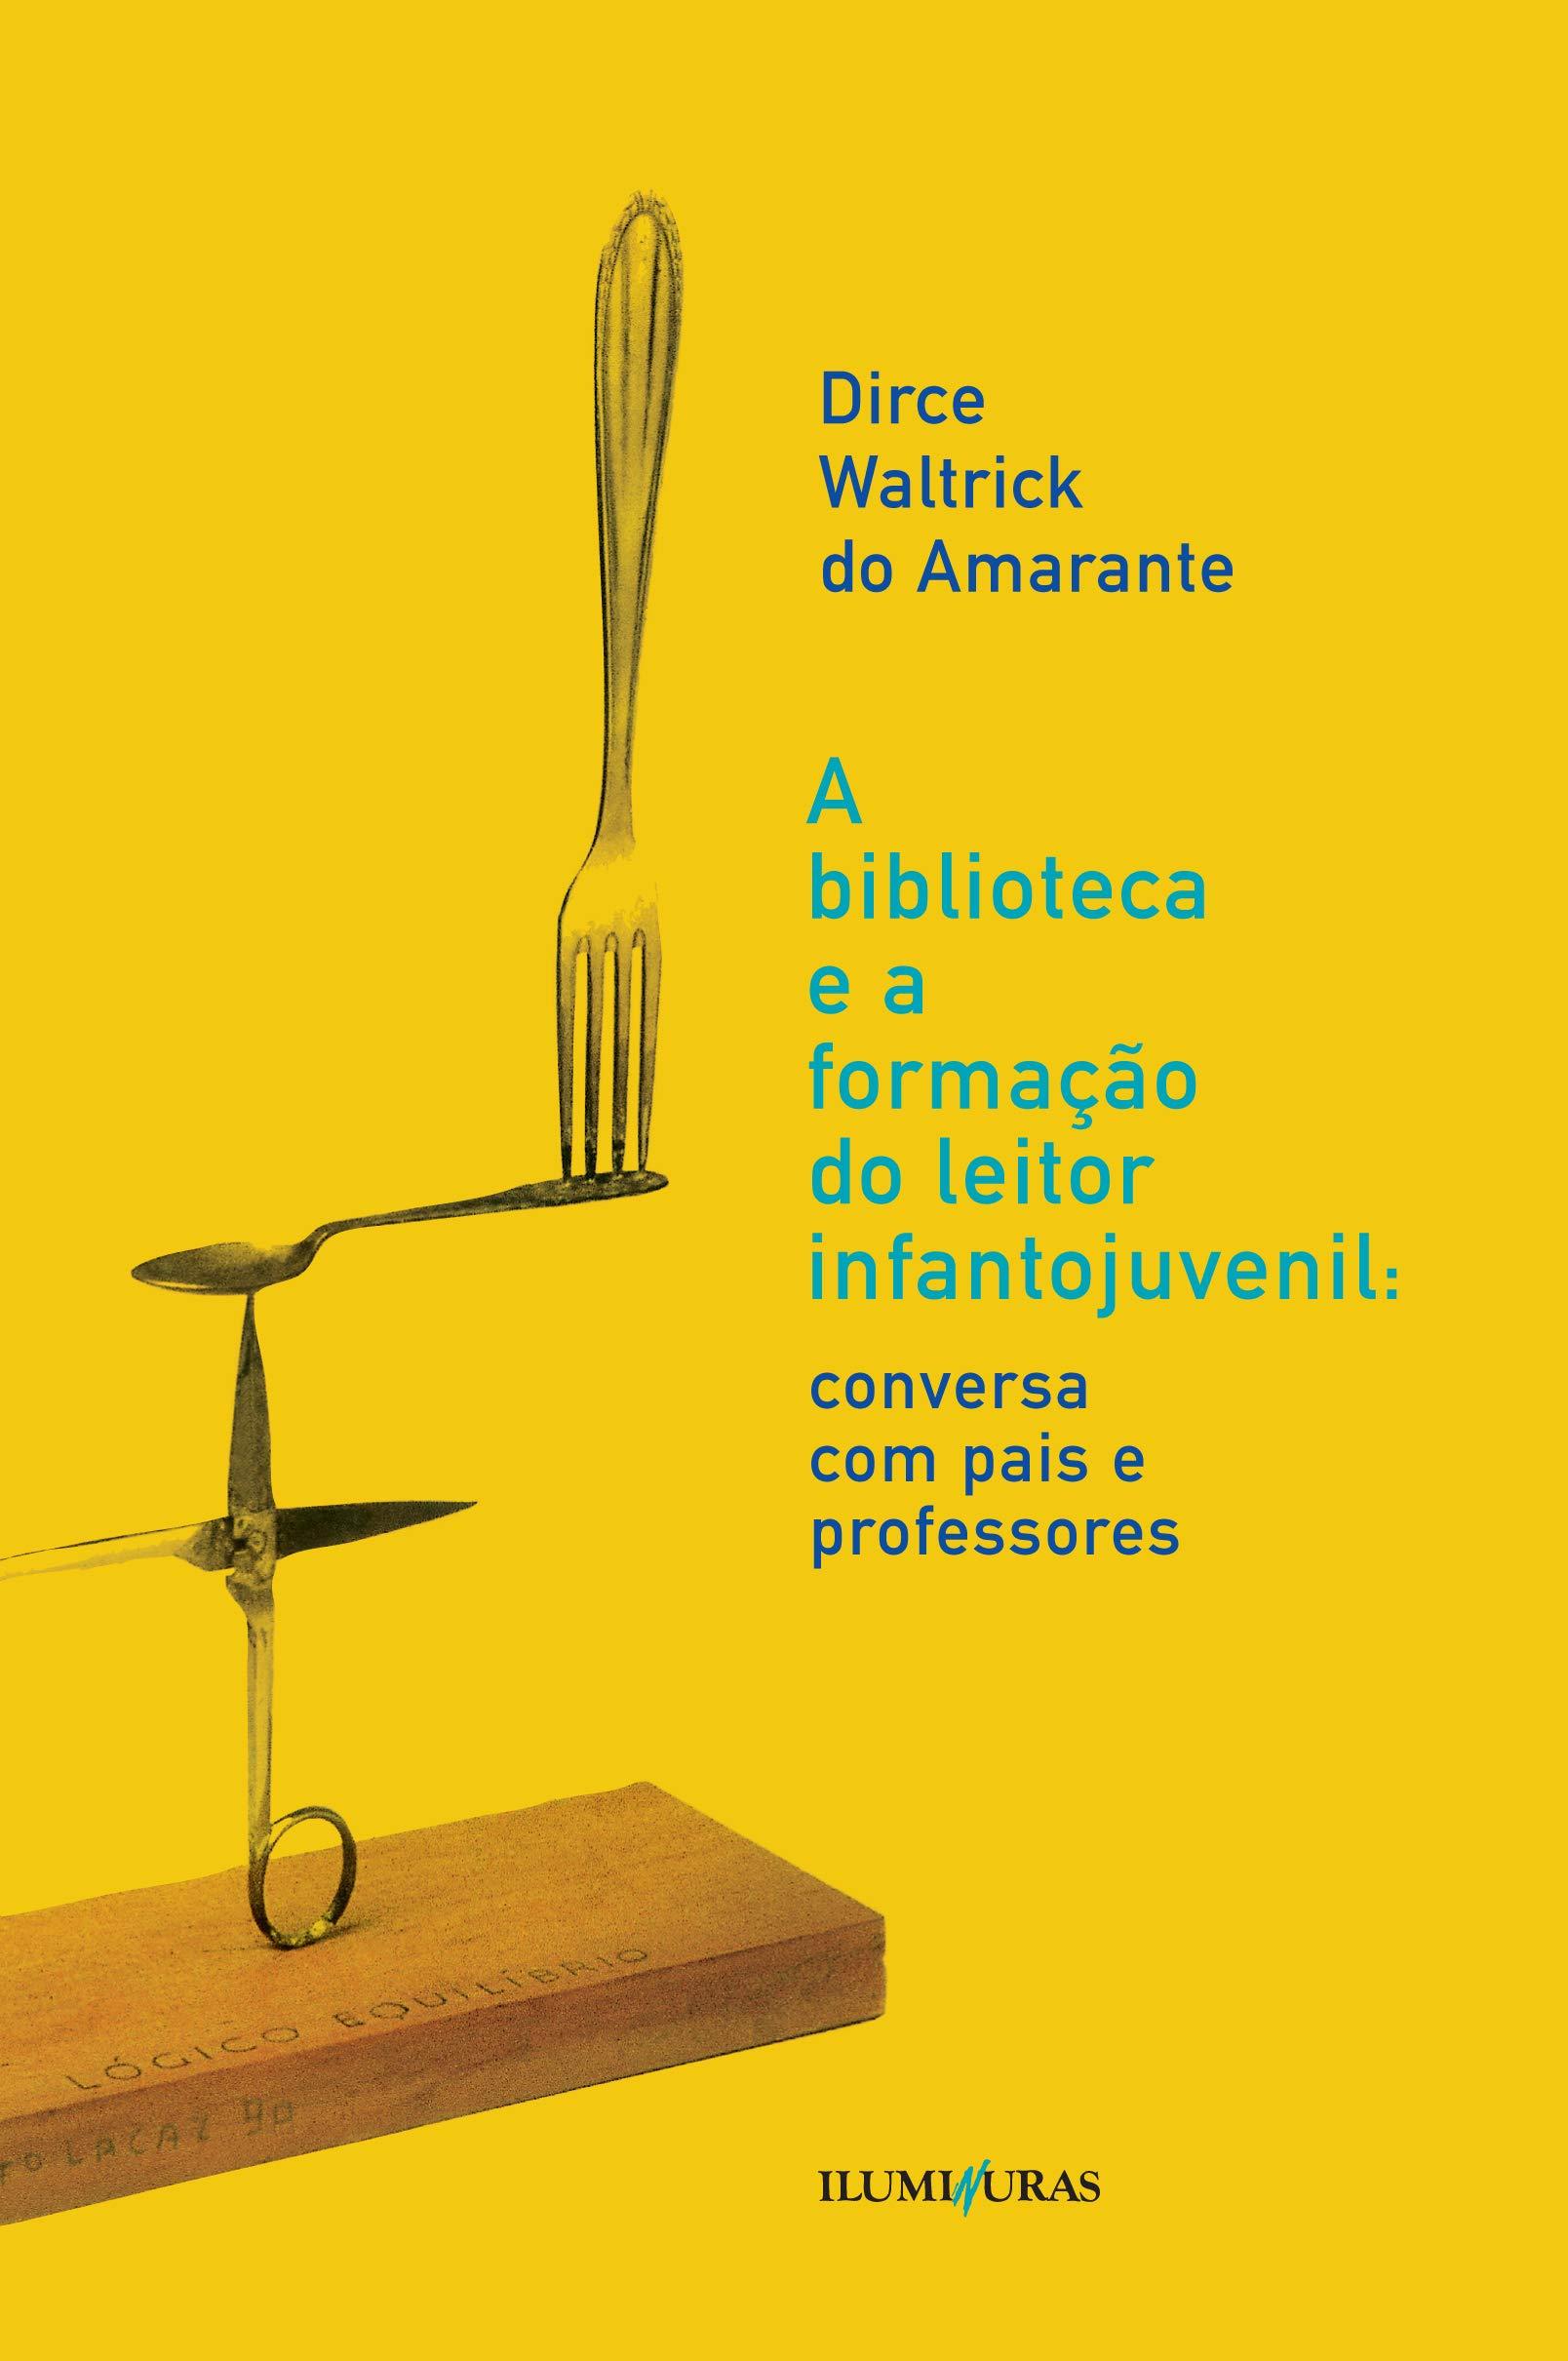 A biblioteca e a formação do leitor infantojuvenil, livro de Dirce Waltrick do Amarante